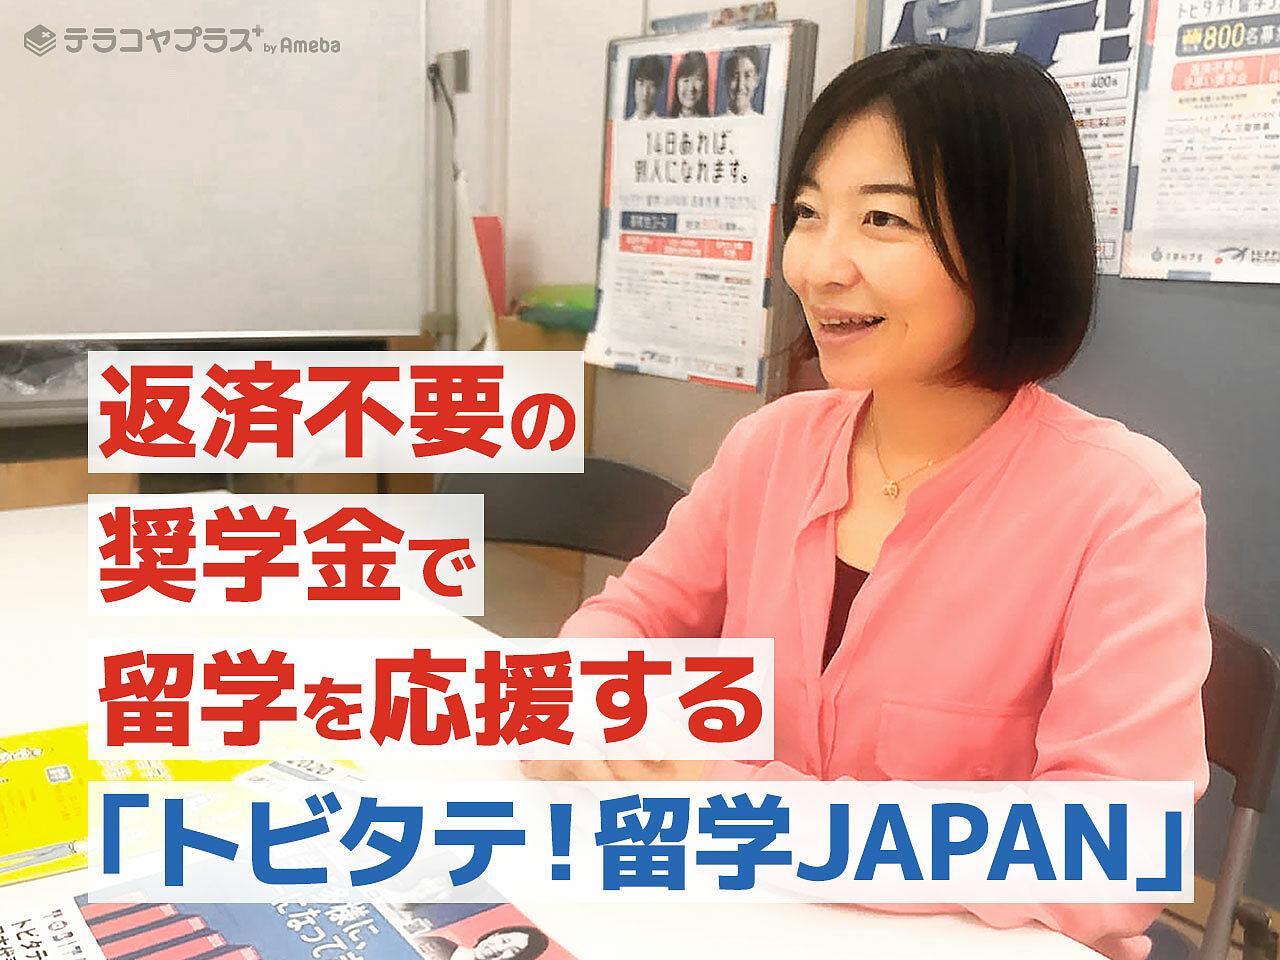 返済不要の奨学金で留学を応援する「トビタテ!留学JAPAN」 世界で活躍する人材とはの画像